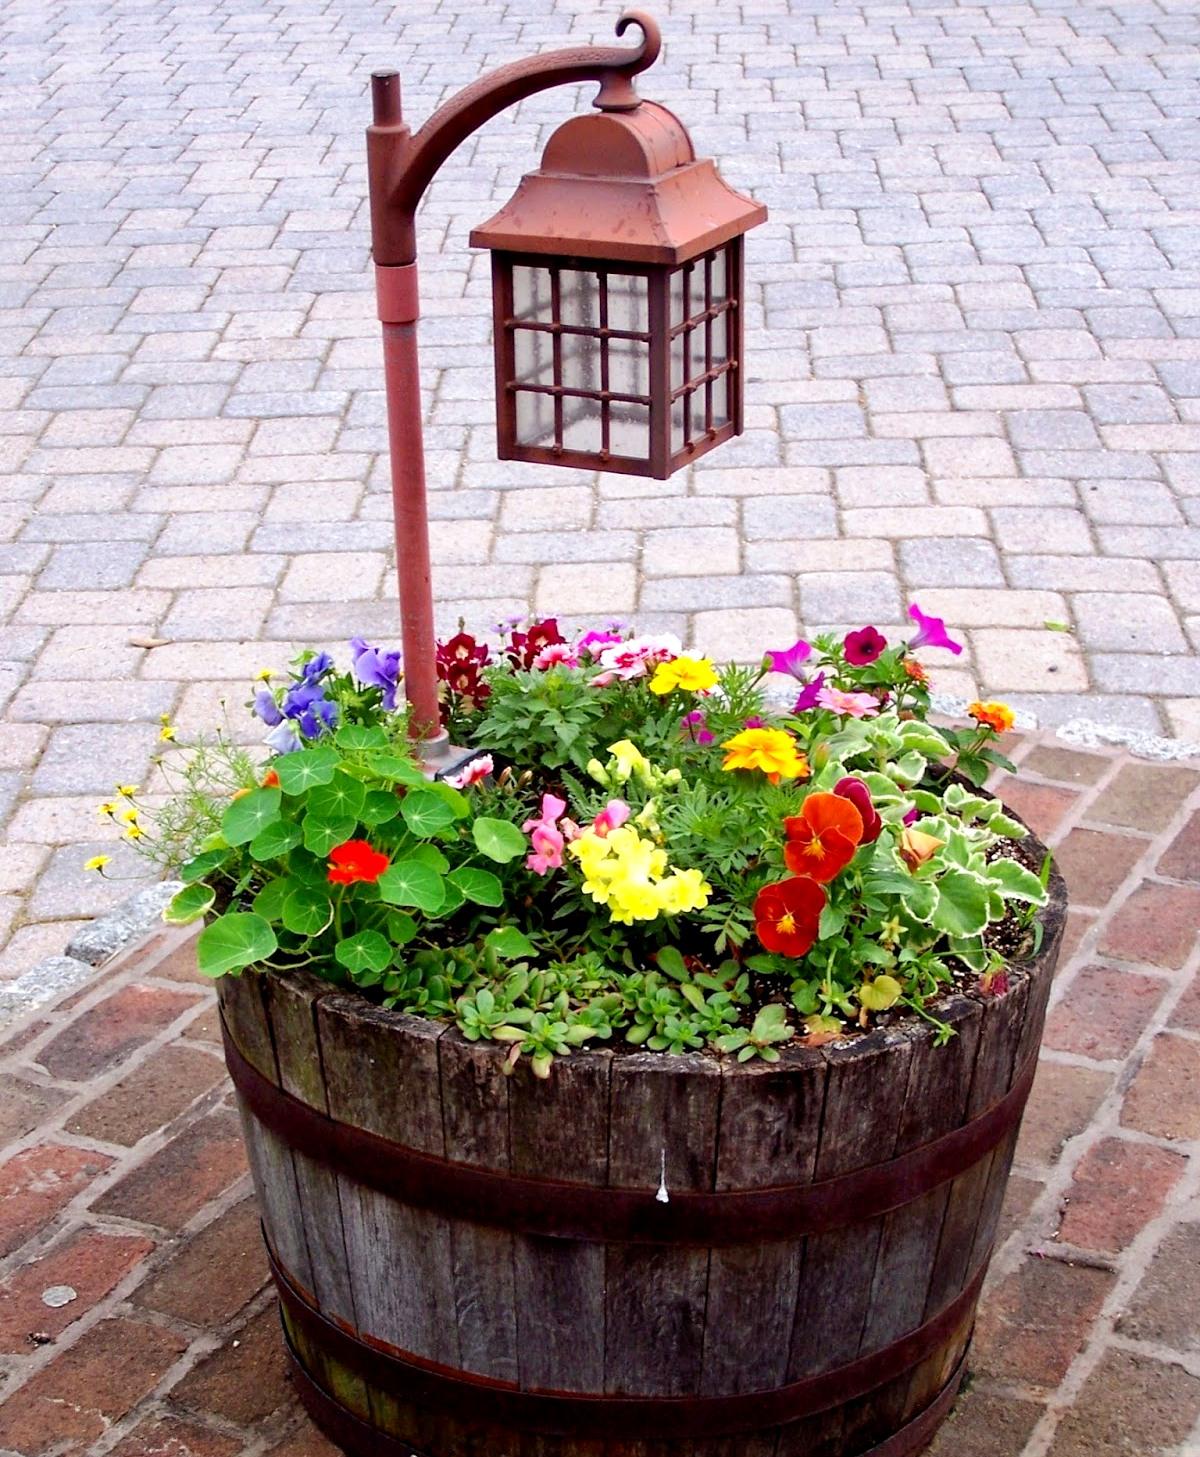 солнечный фонарь для сада